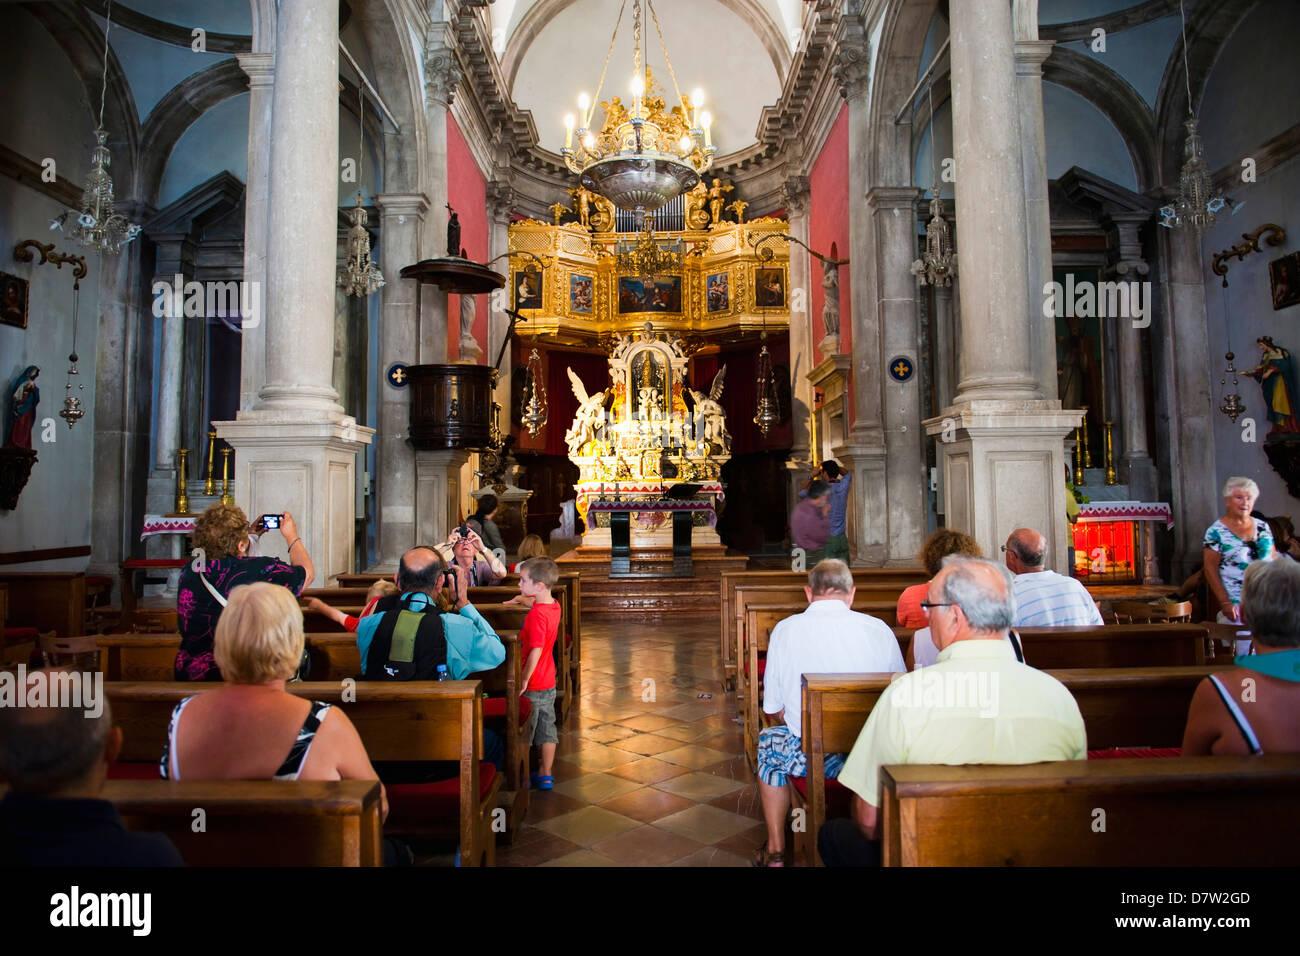 Touristen in der Kirche des Hl. Blasius, Dubrovnik Altstadt, UNESCO-Weltkulturerbe, Dubrovnik, Kroatien Stockbild